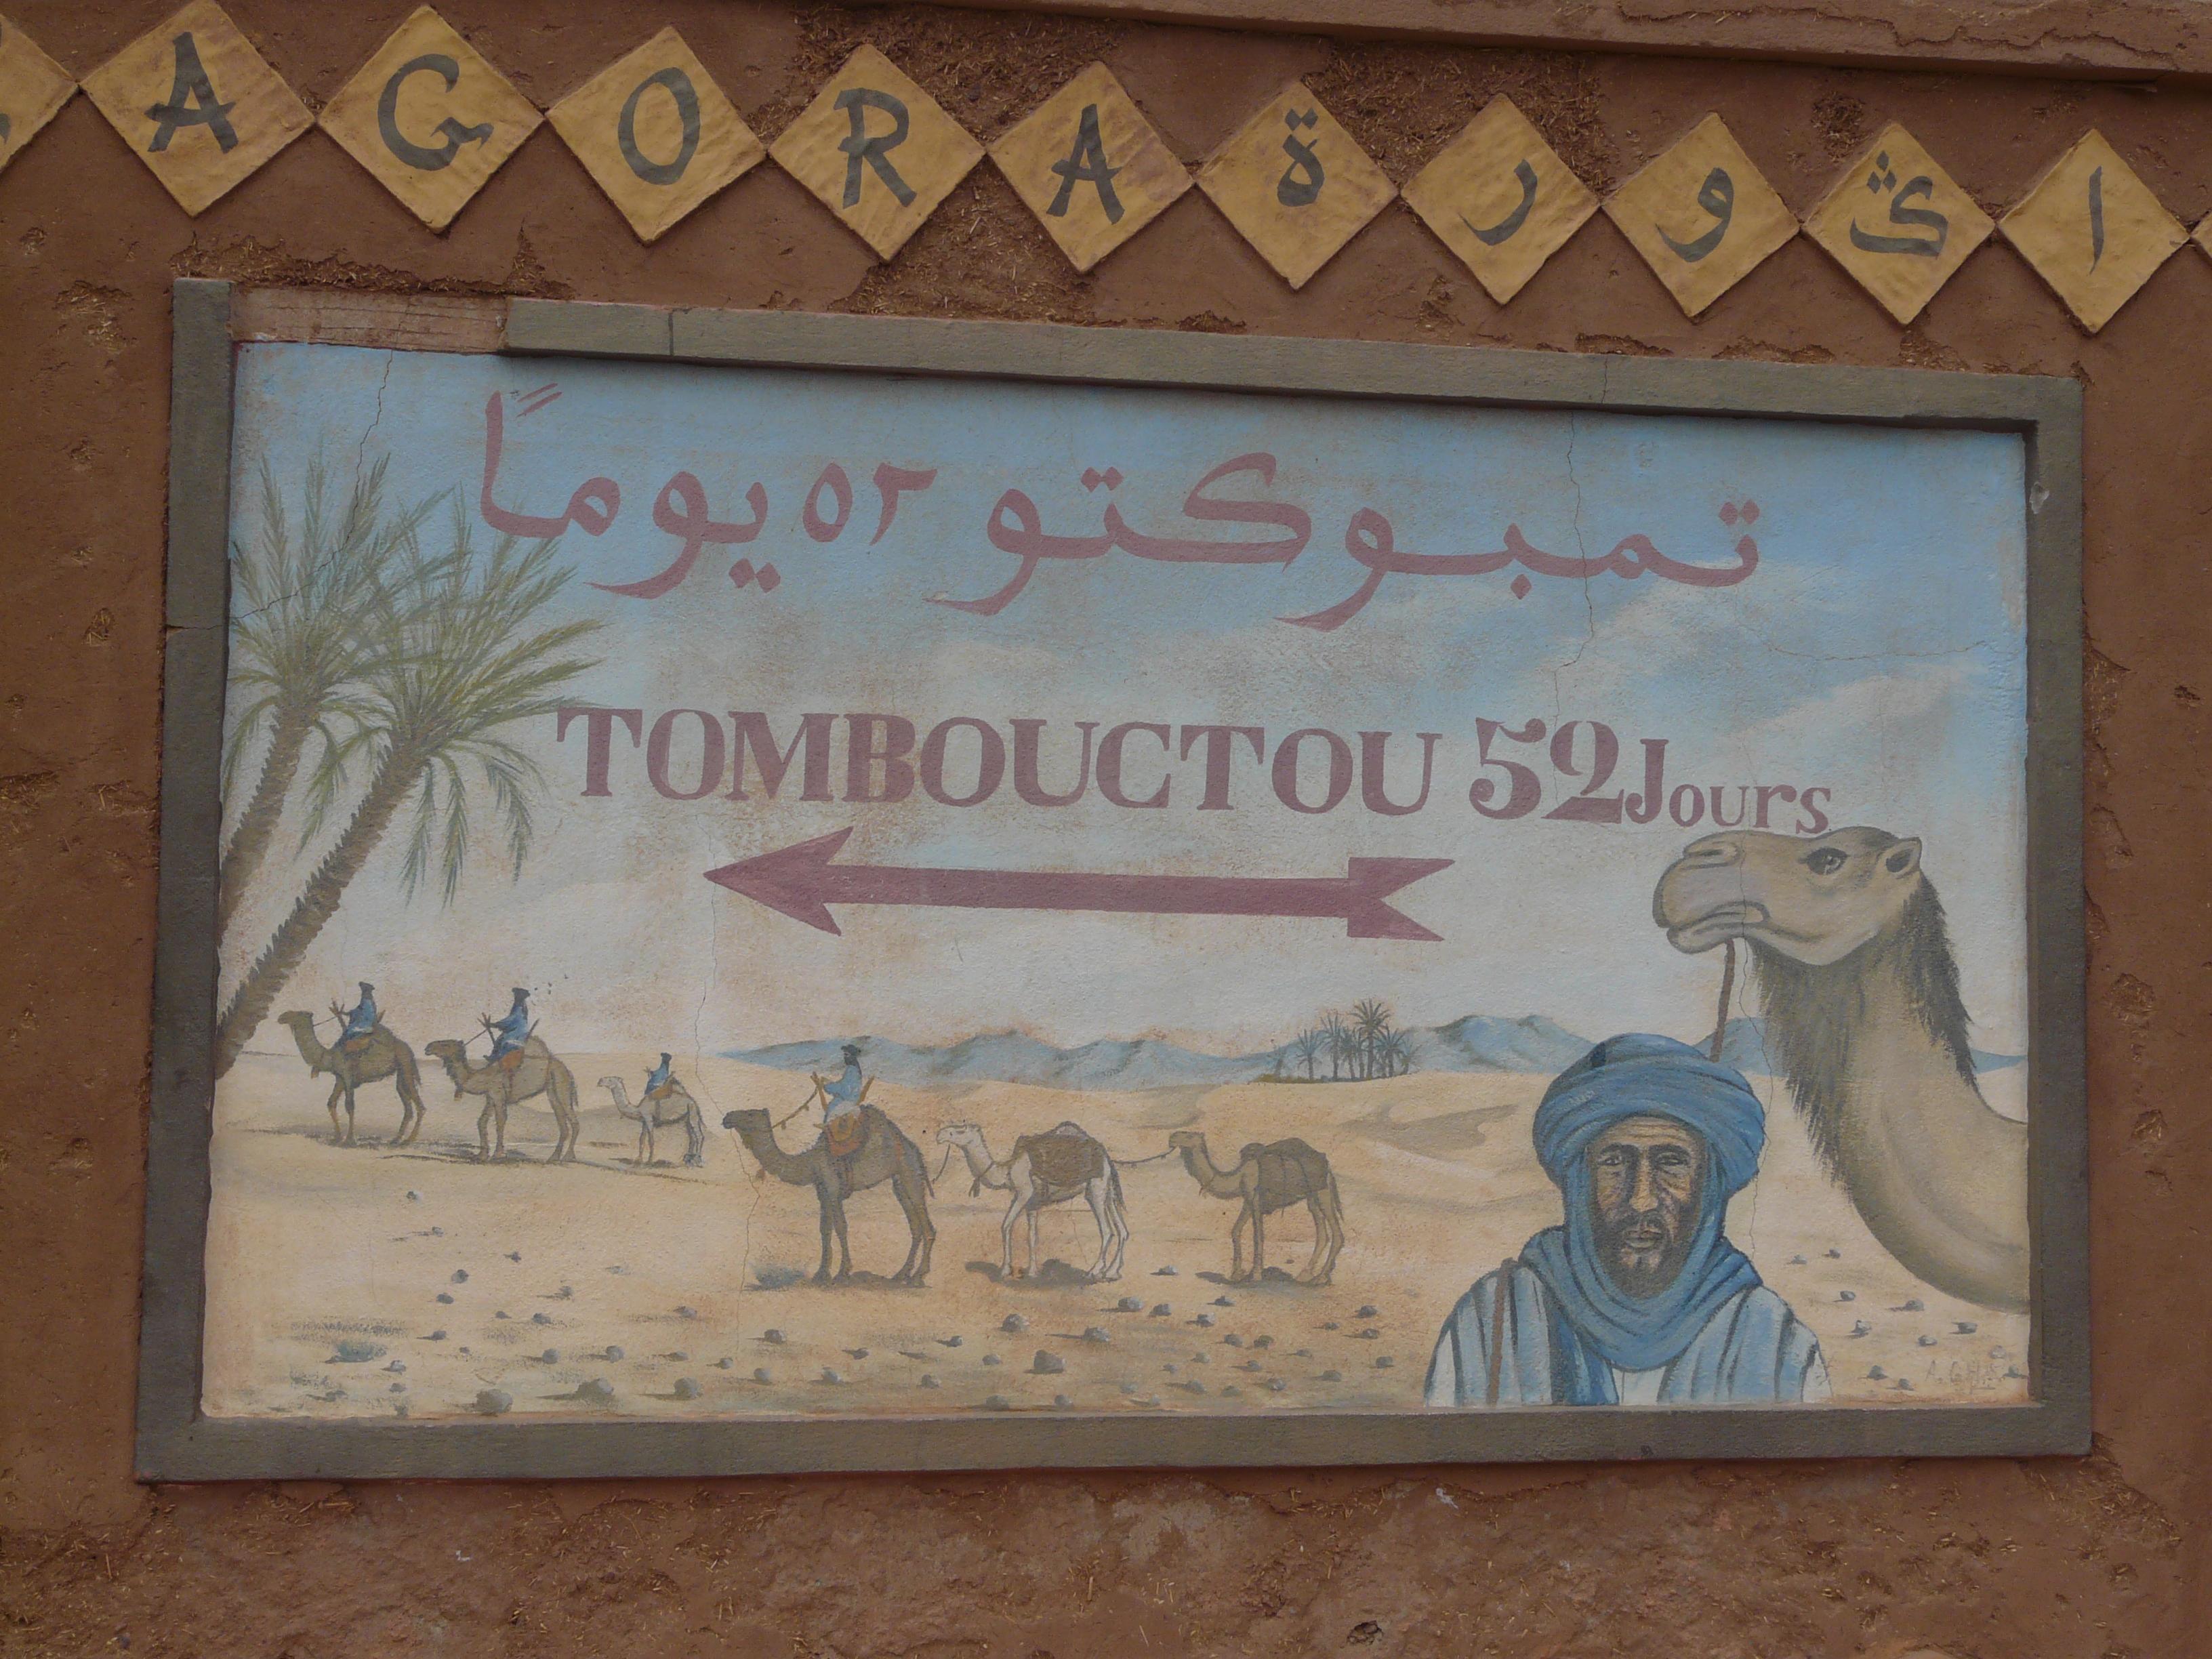 Zagora Tombouctou sign